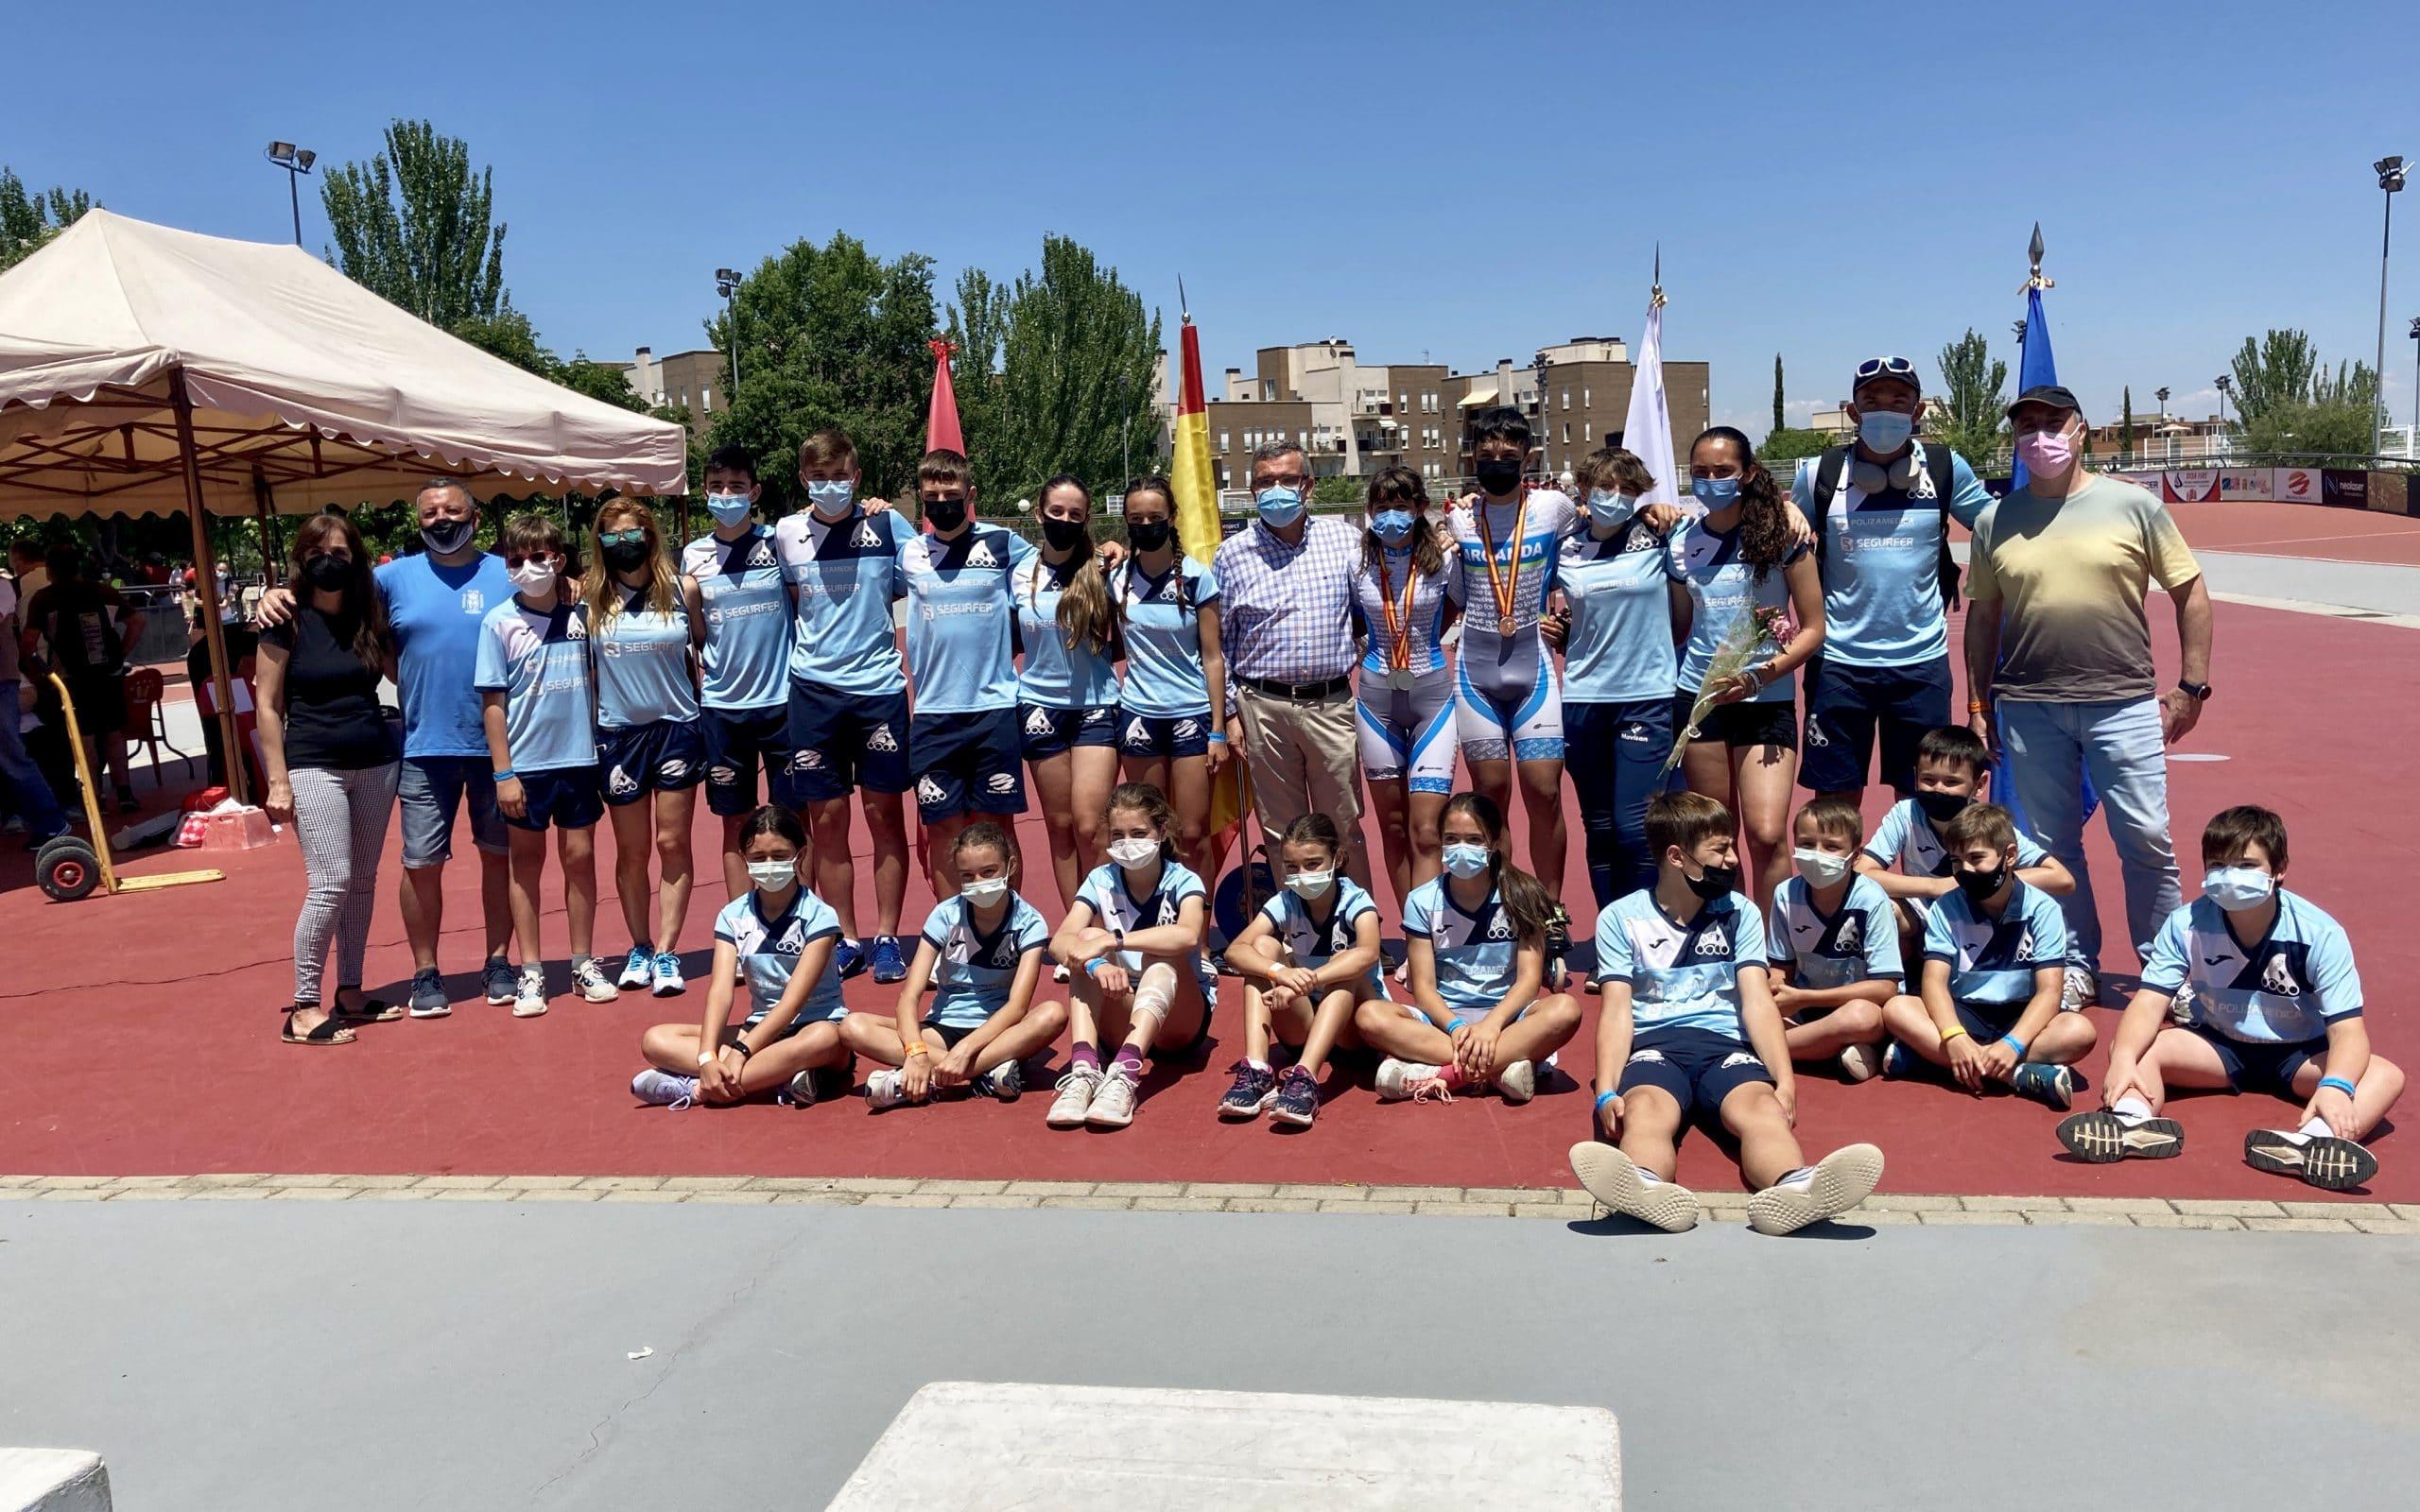 El alcalde, Guillermo Hita, y la concejala de Deportes, Alicia Amieba, junto con el Club Municipal de Patinaje Arganda en el Campeonato de España de Patinaje 2021